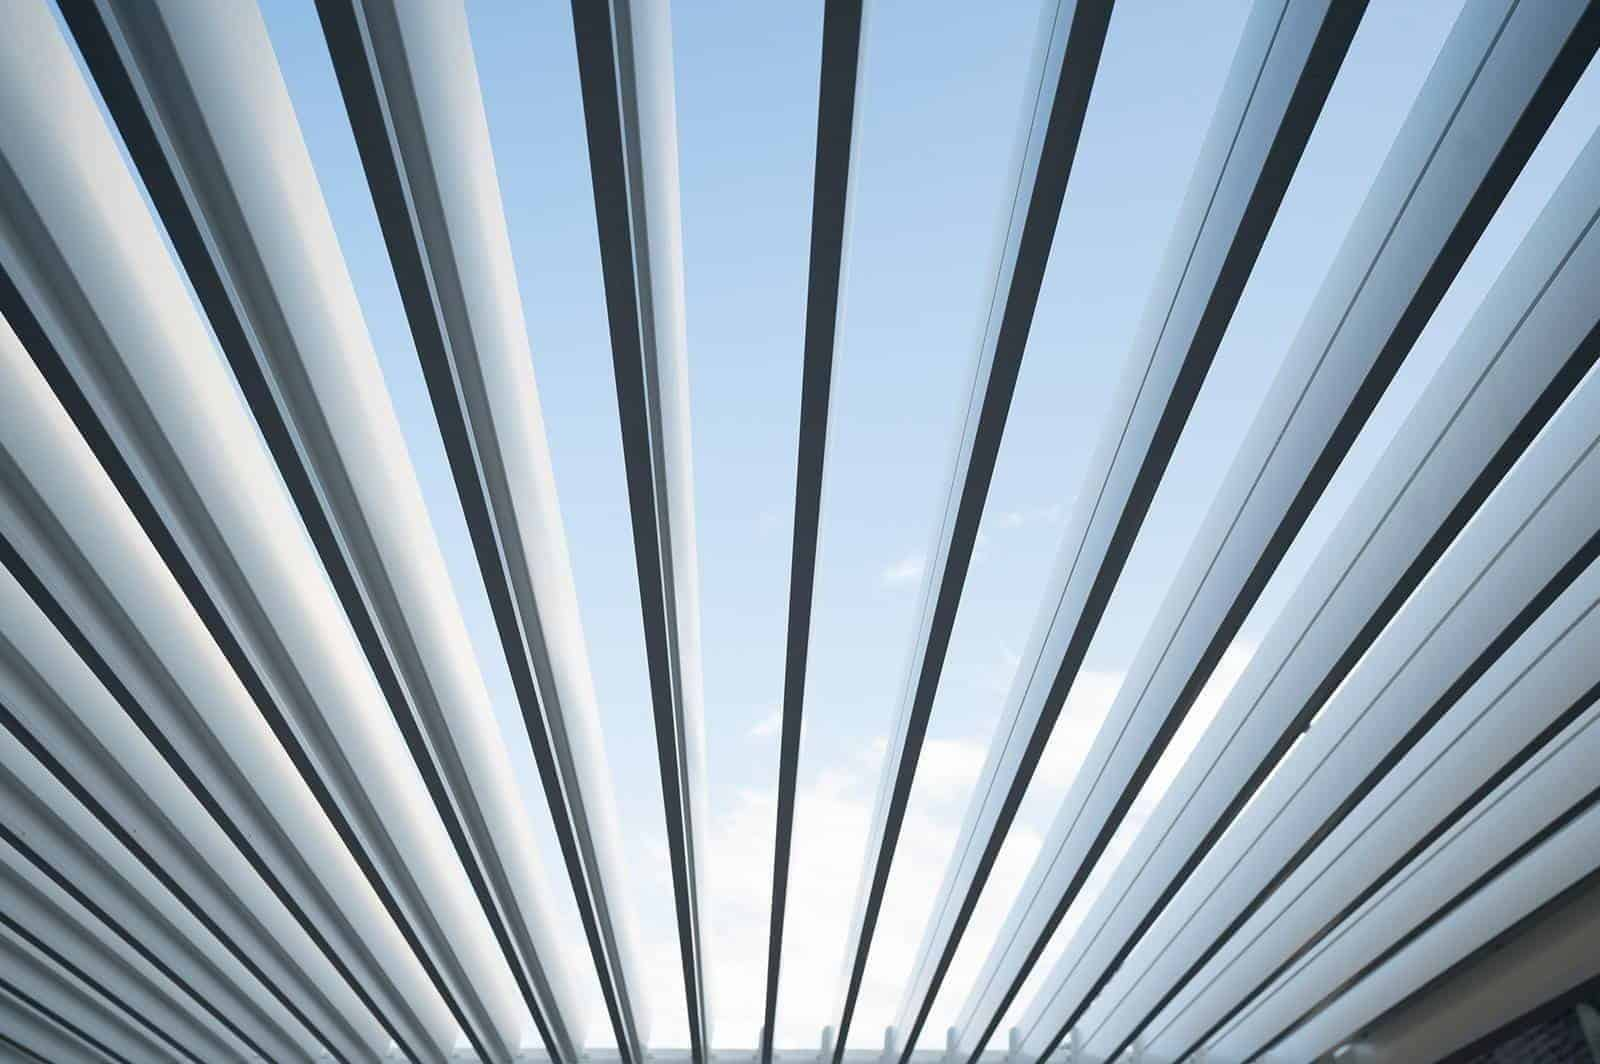 Zadaszenie tarasowe PERARA 300x400cm white